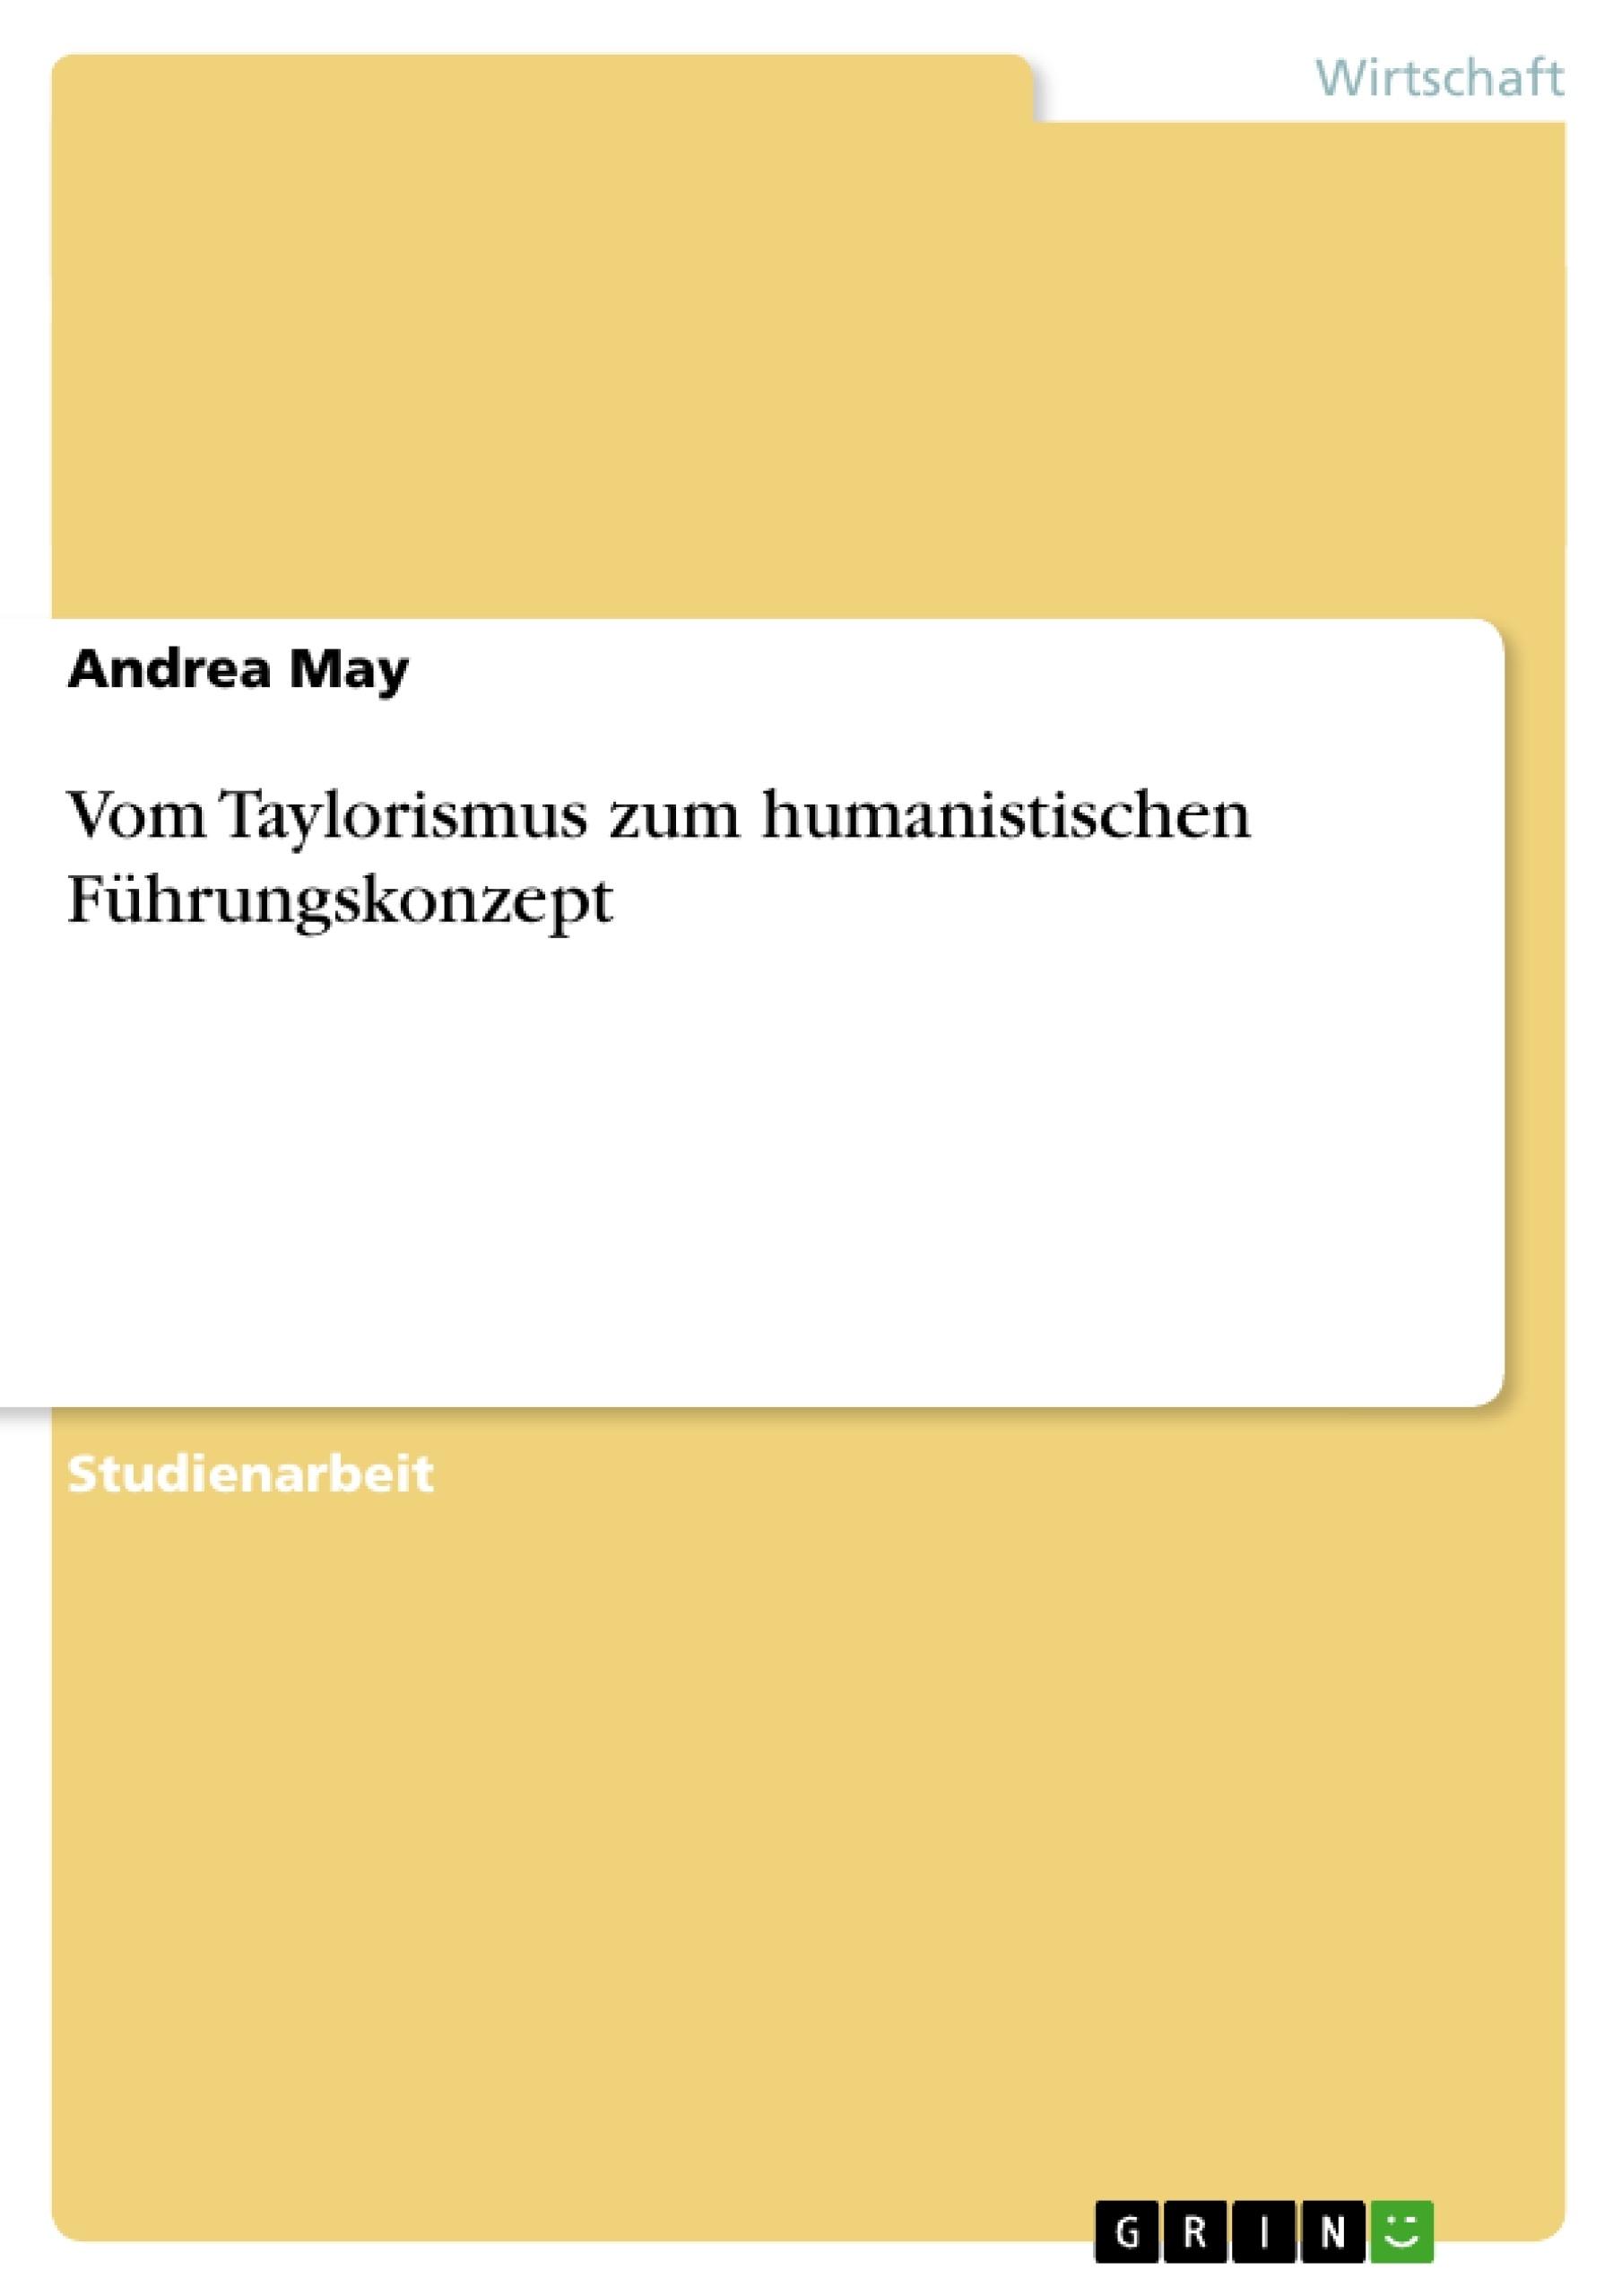 Titel: Vom Taylorismus zum humanistischen Führungskonzept